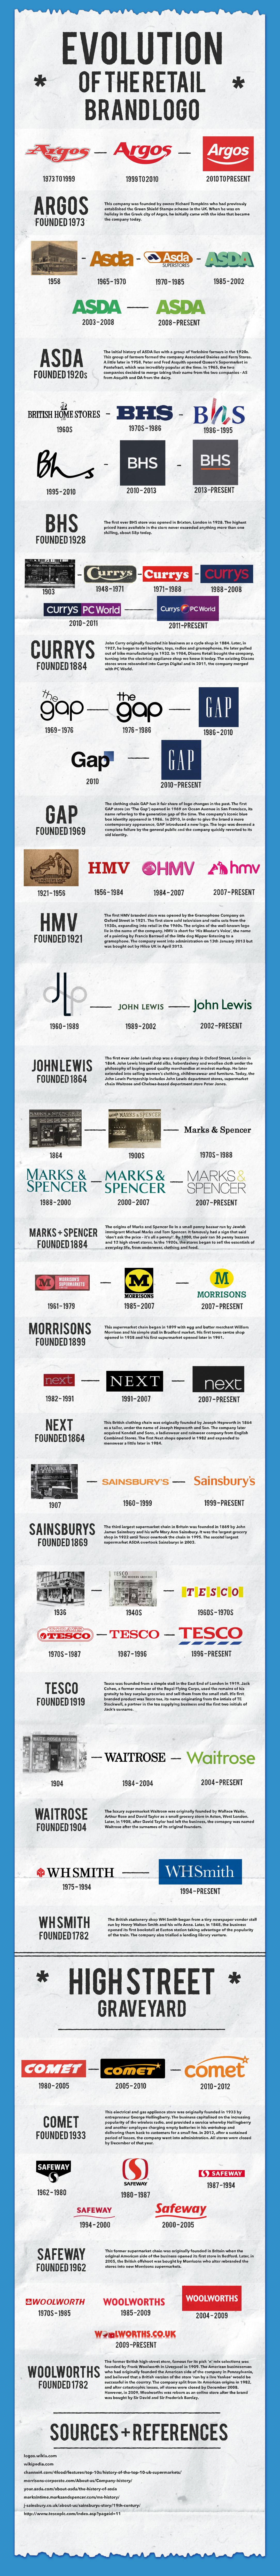 Highstreet Brand logos